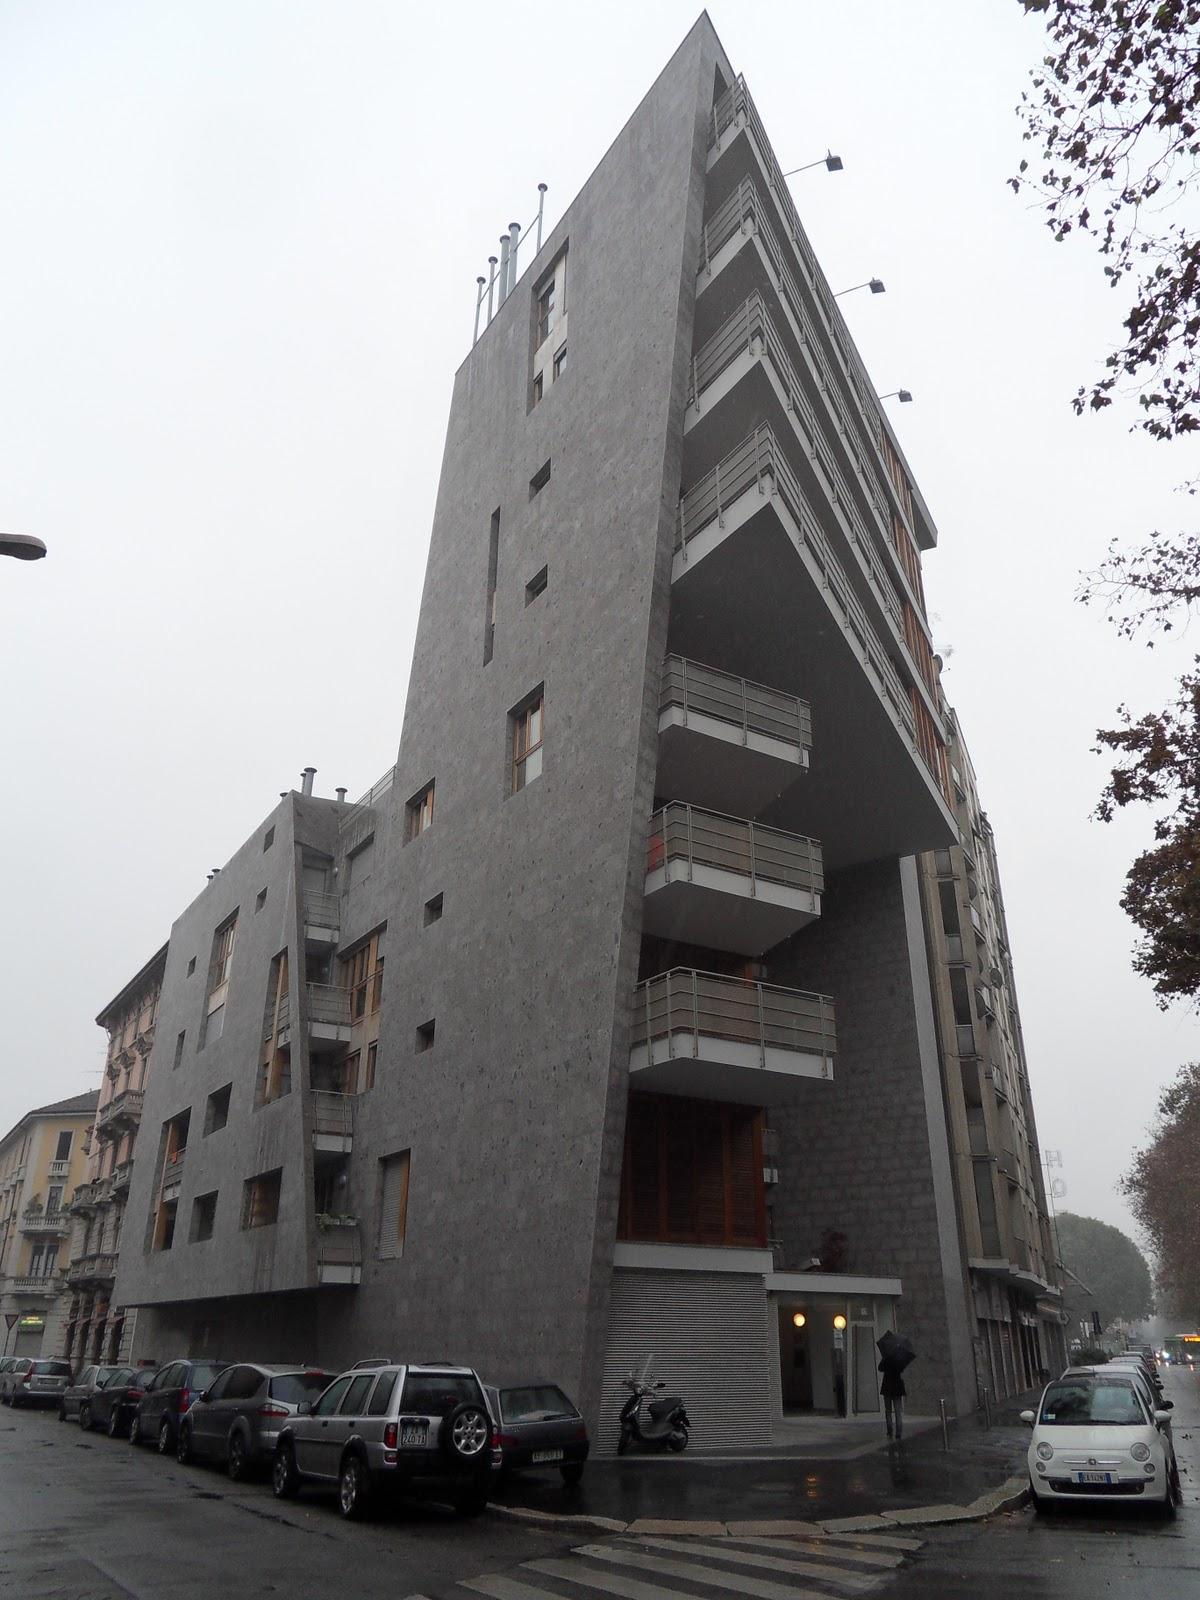 Appunti di architettura milano che cambia edificio for Architettura case